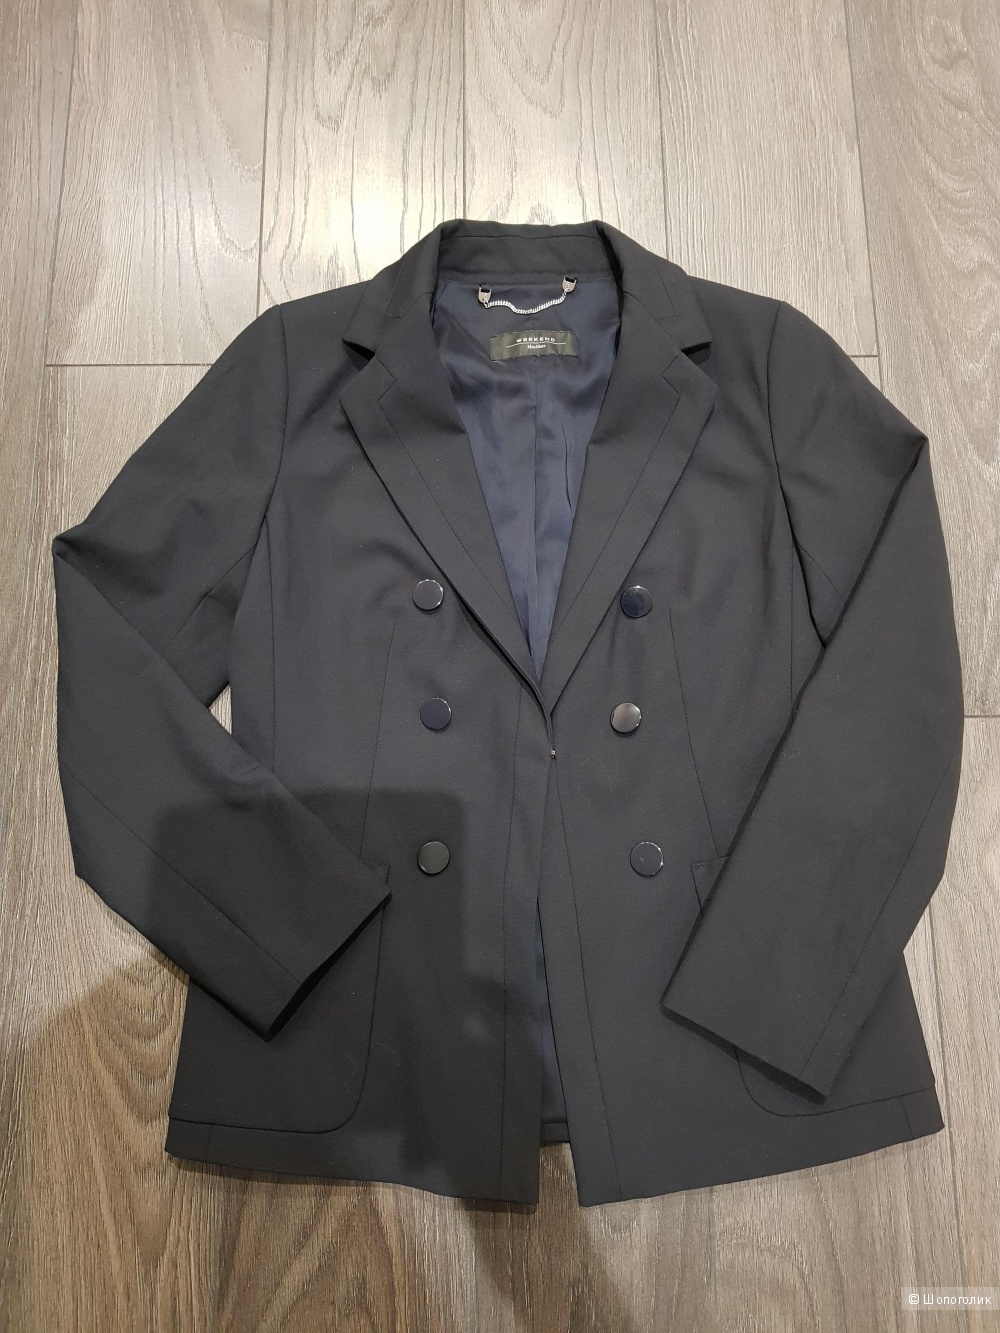 Max Mara пиджак 44-46, в магазине Другой магазин — на Шопоголик 7194534d129